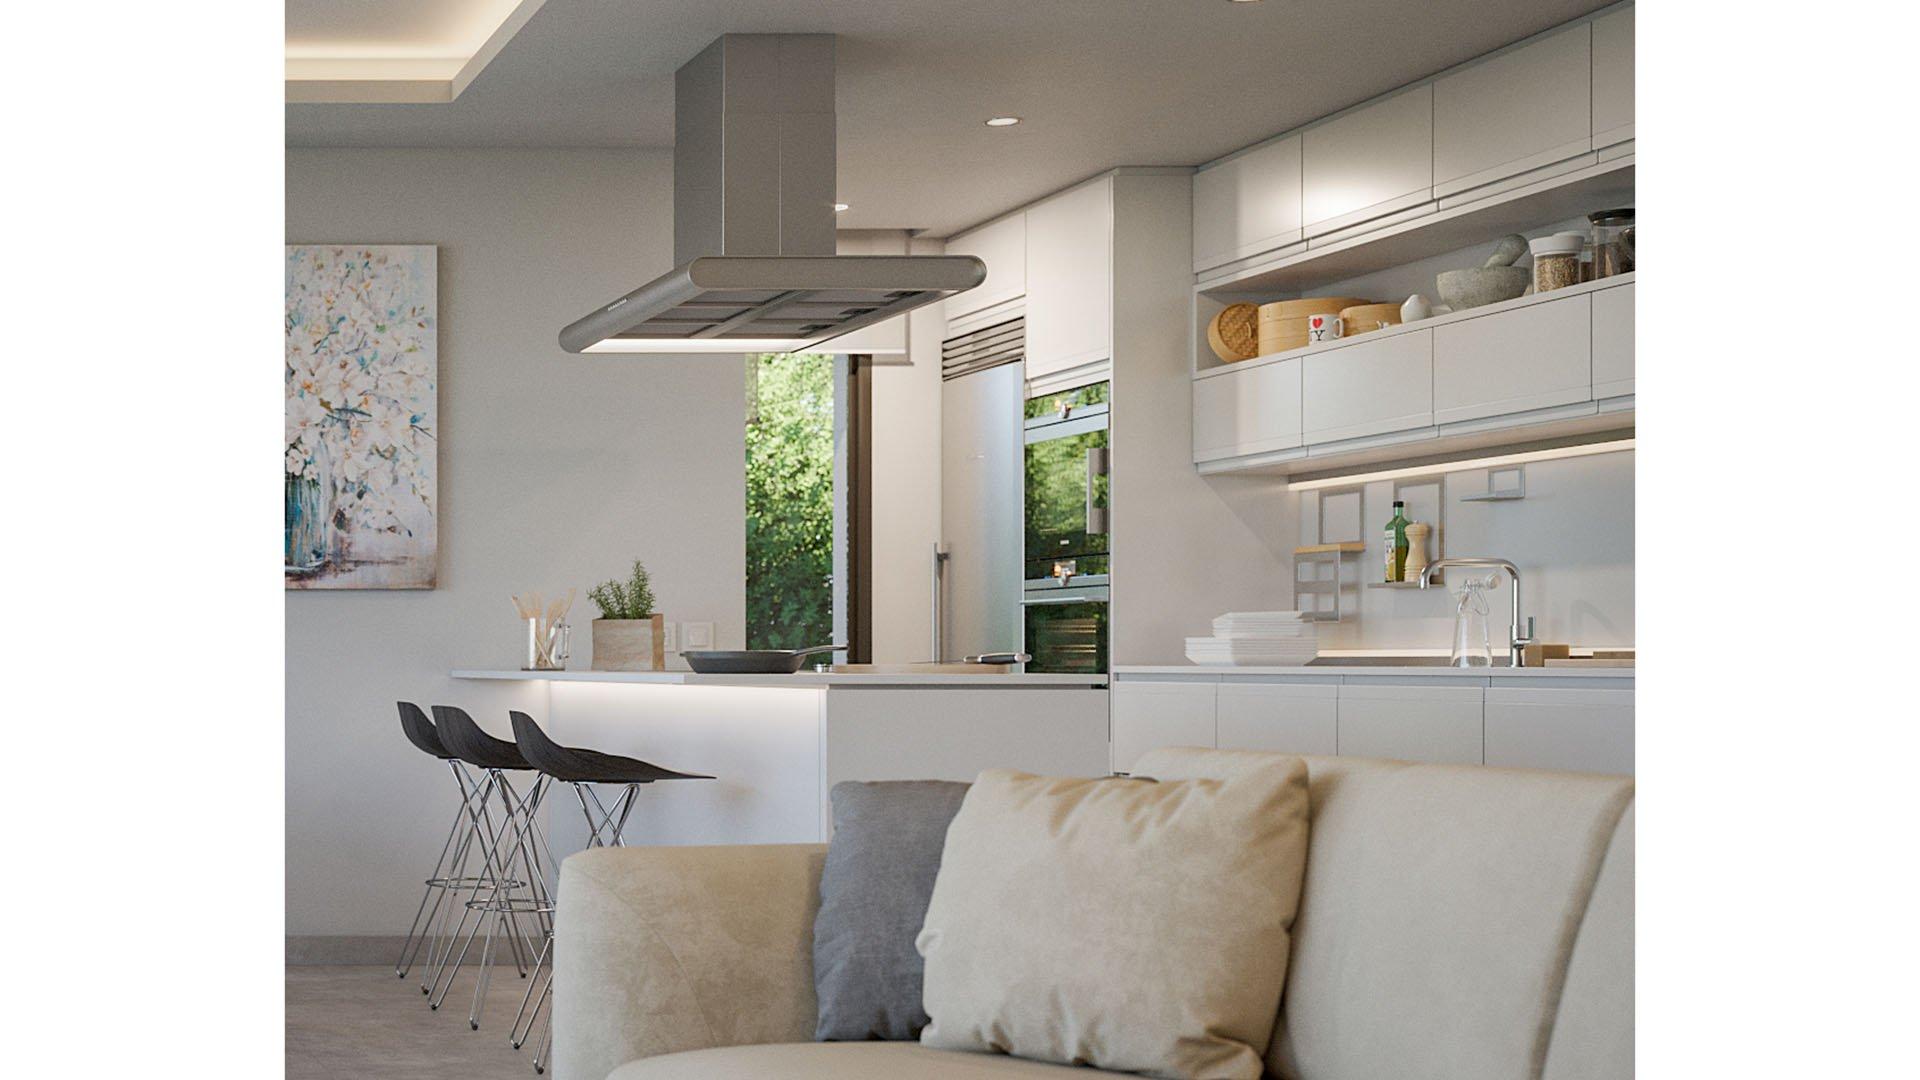 Villa Amatista: Luxury villa on the New Golden Mile